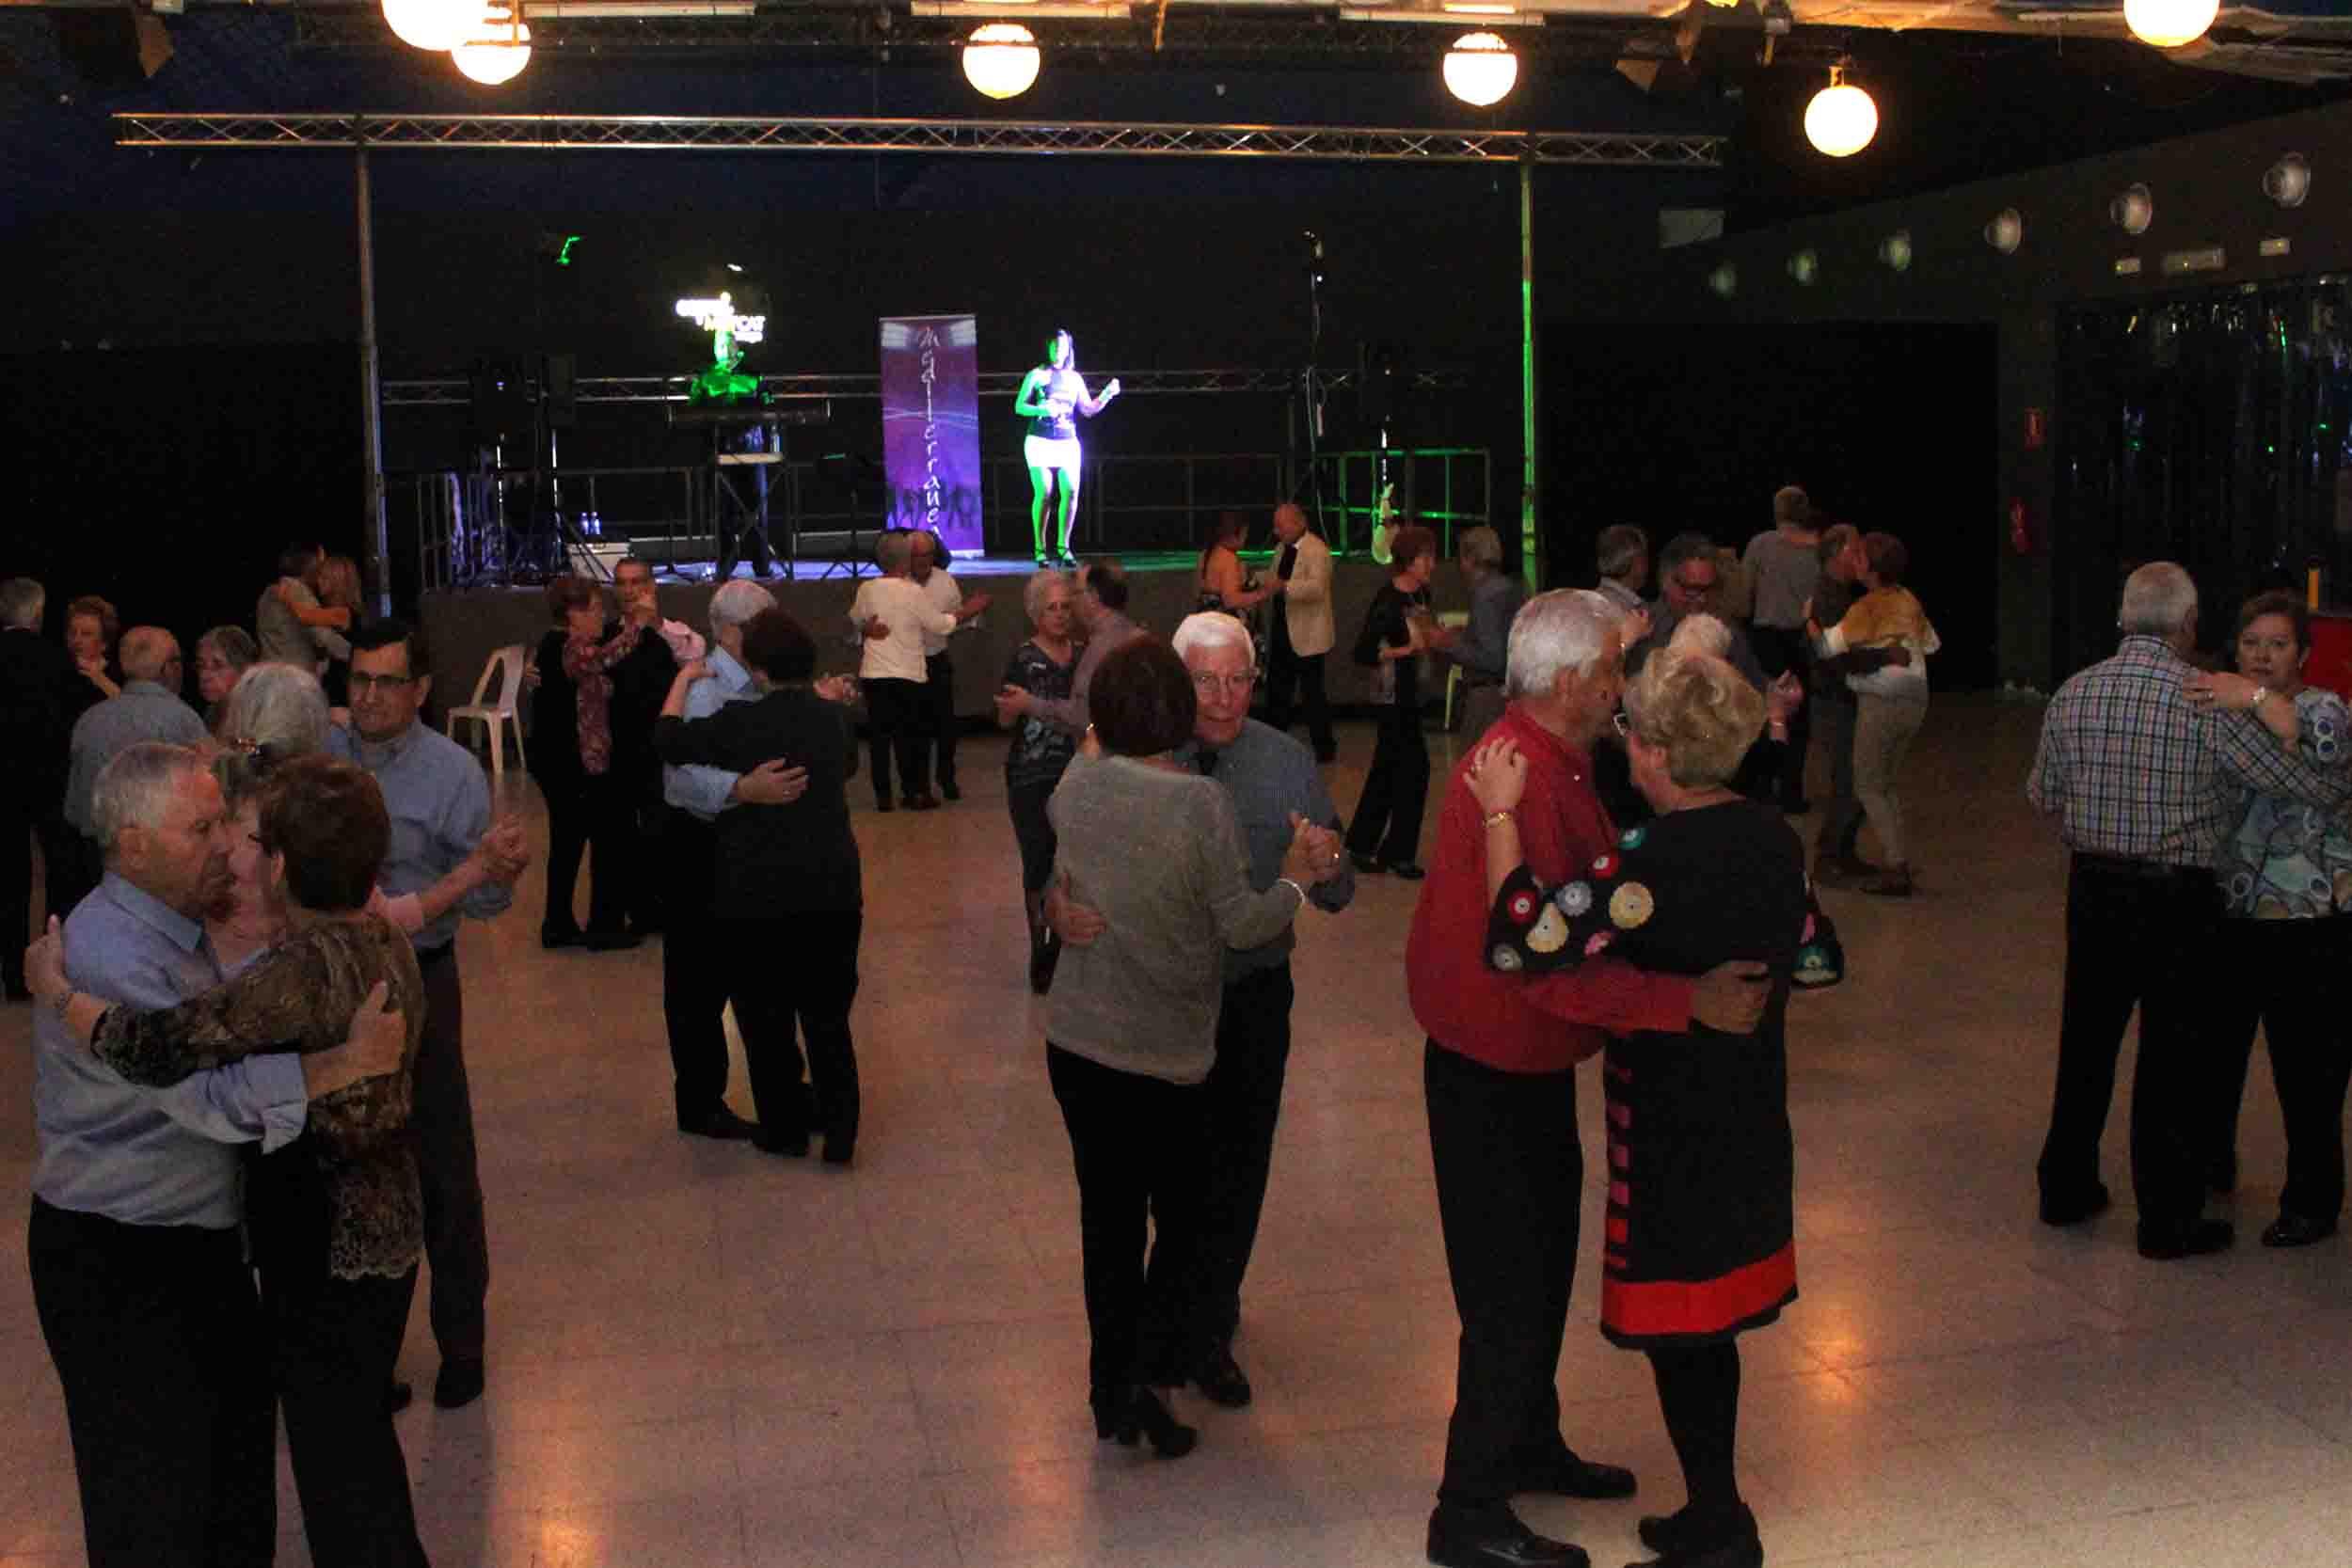 Tàrrega inicia el diumenge 10 de novembre una nova temporada de balls de saló amb música en directe